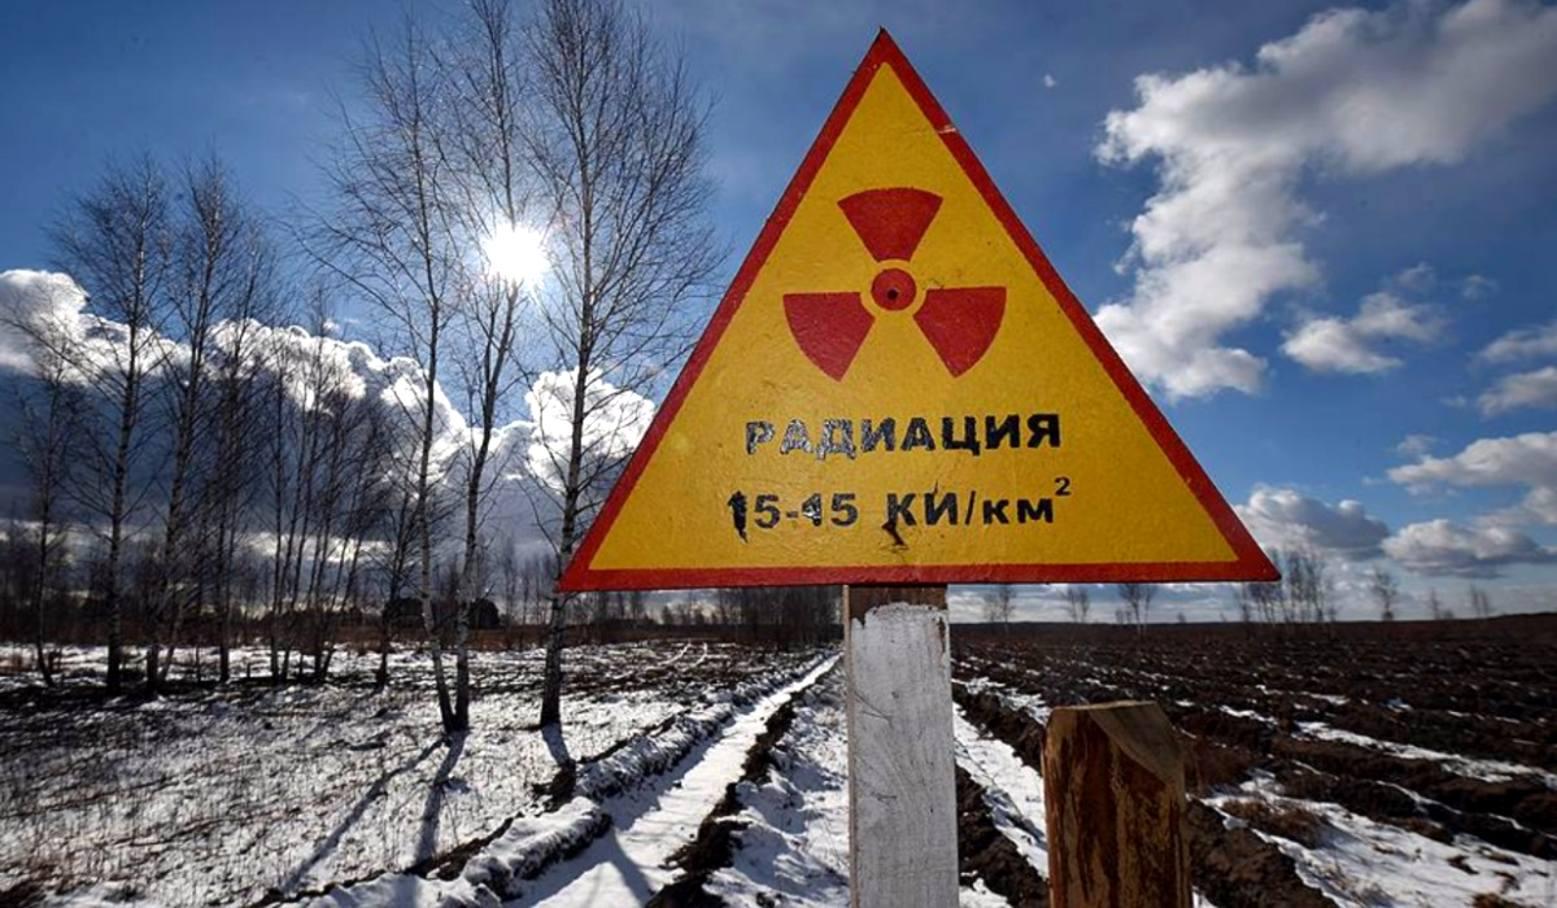 территория заражения чернобыль фото люся отдыхала, она